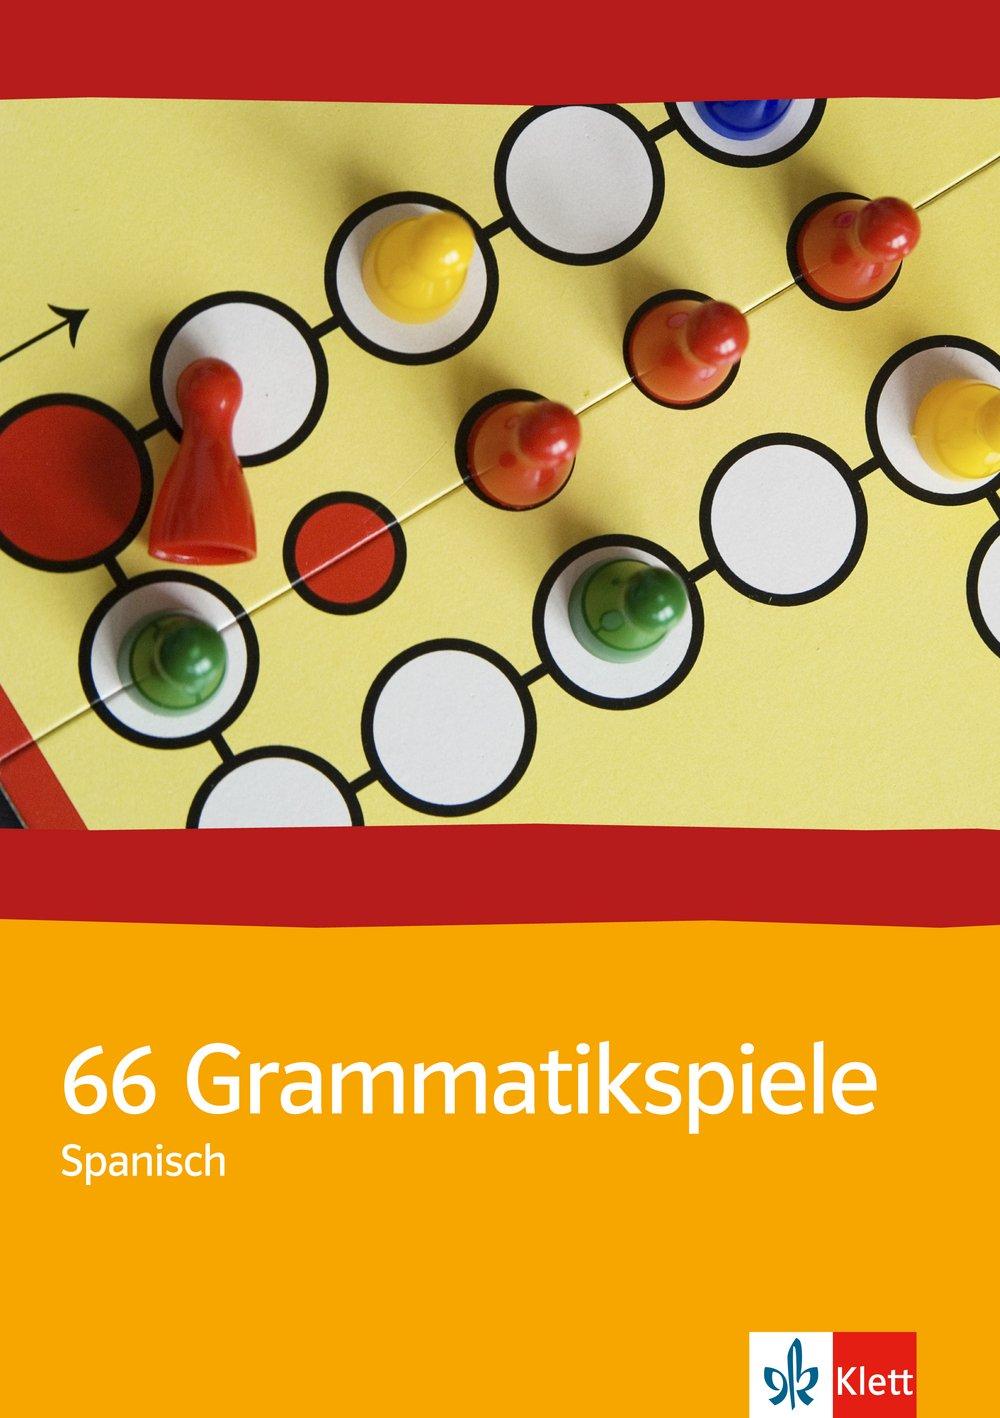 66 Grammatikspiele: Buch m. Kopiervorlagen